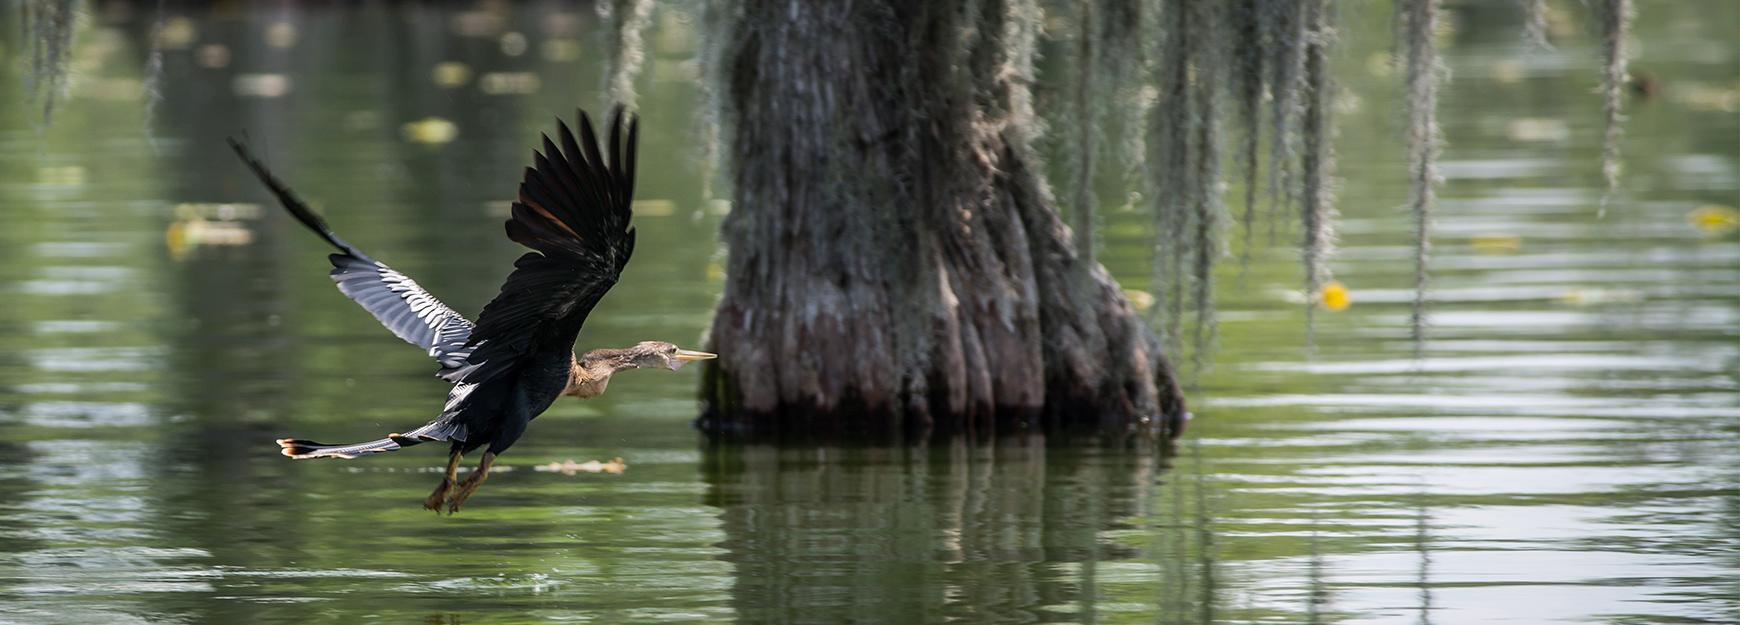 Cormorant flying over bayou - M_MUC1968 / iStock